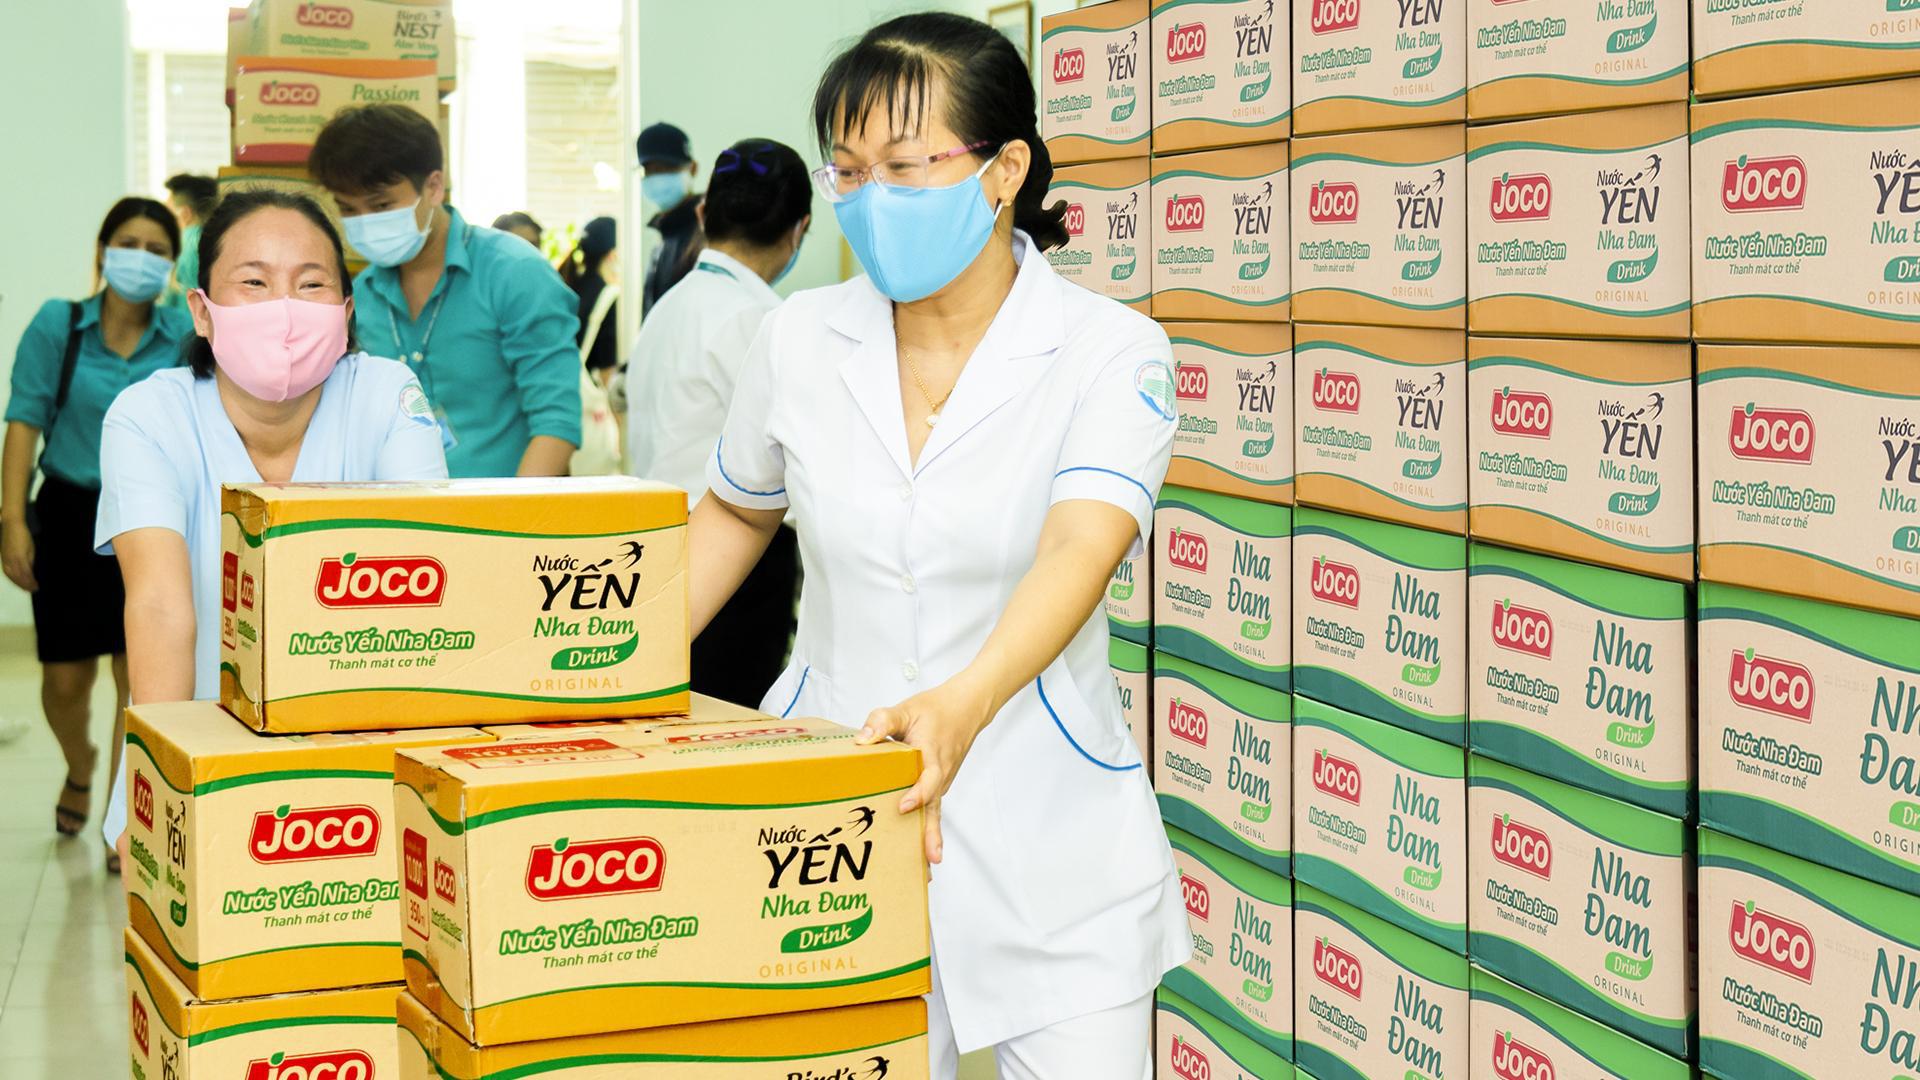 Uniben trao tặng 150.000 bữa ăn dinh dưỡng từ Mì 3 Miền và Nước trái cây Joco cho đội ngũ y bác sĩ các bệnh viện tuyến đầu - Ảnh 10.